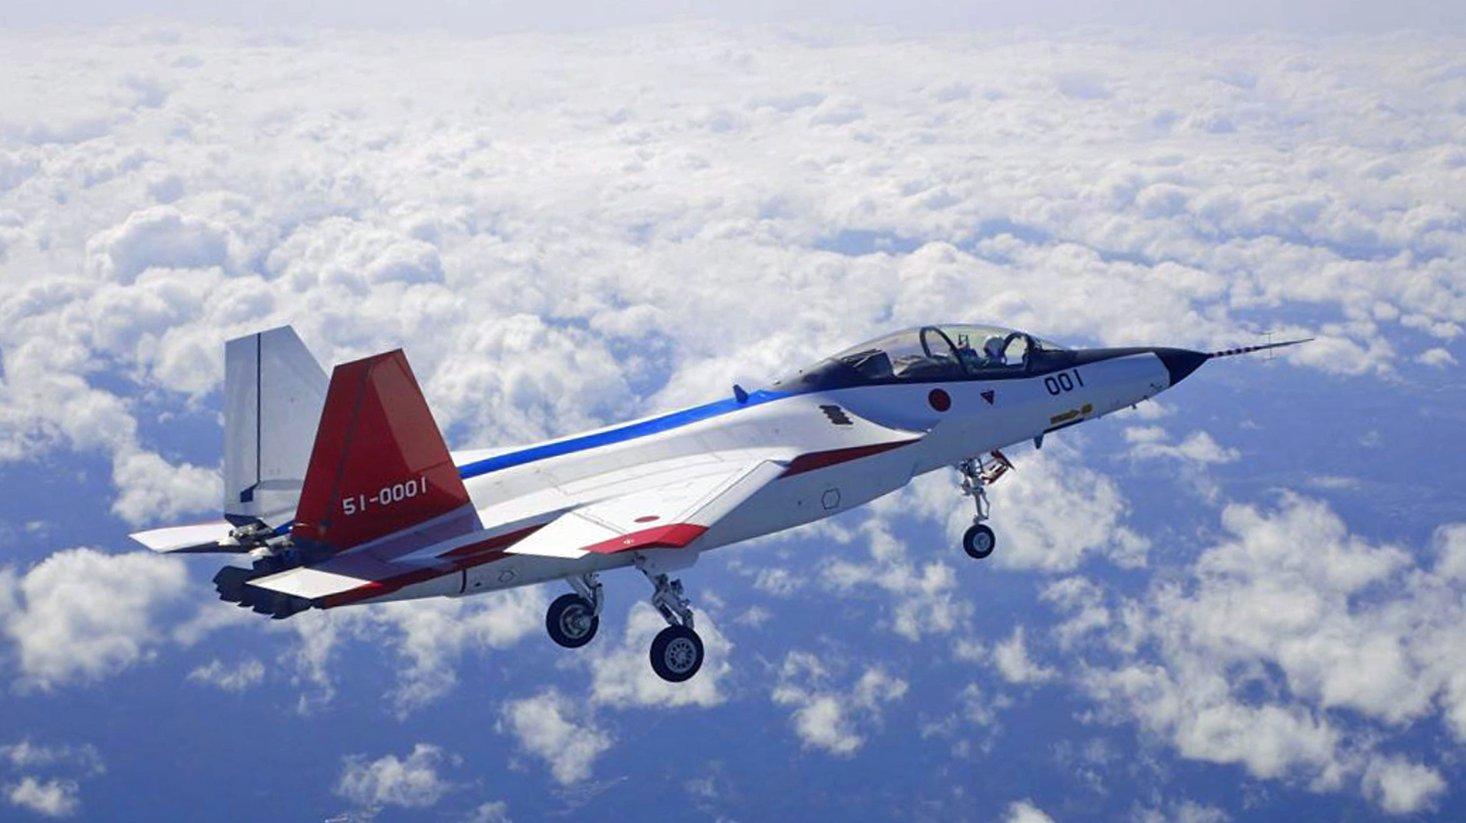 img 5a2782663d566 - 開発中止せよとの声も多い?新型ステルス戦闘機『心神』の開発状況